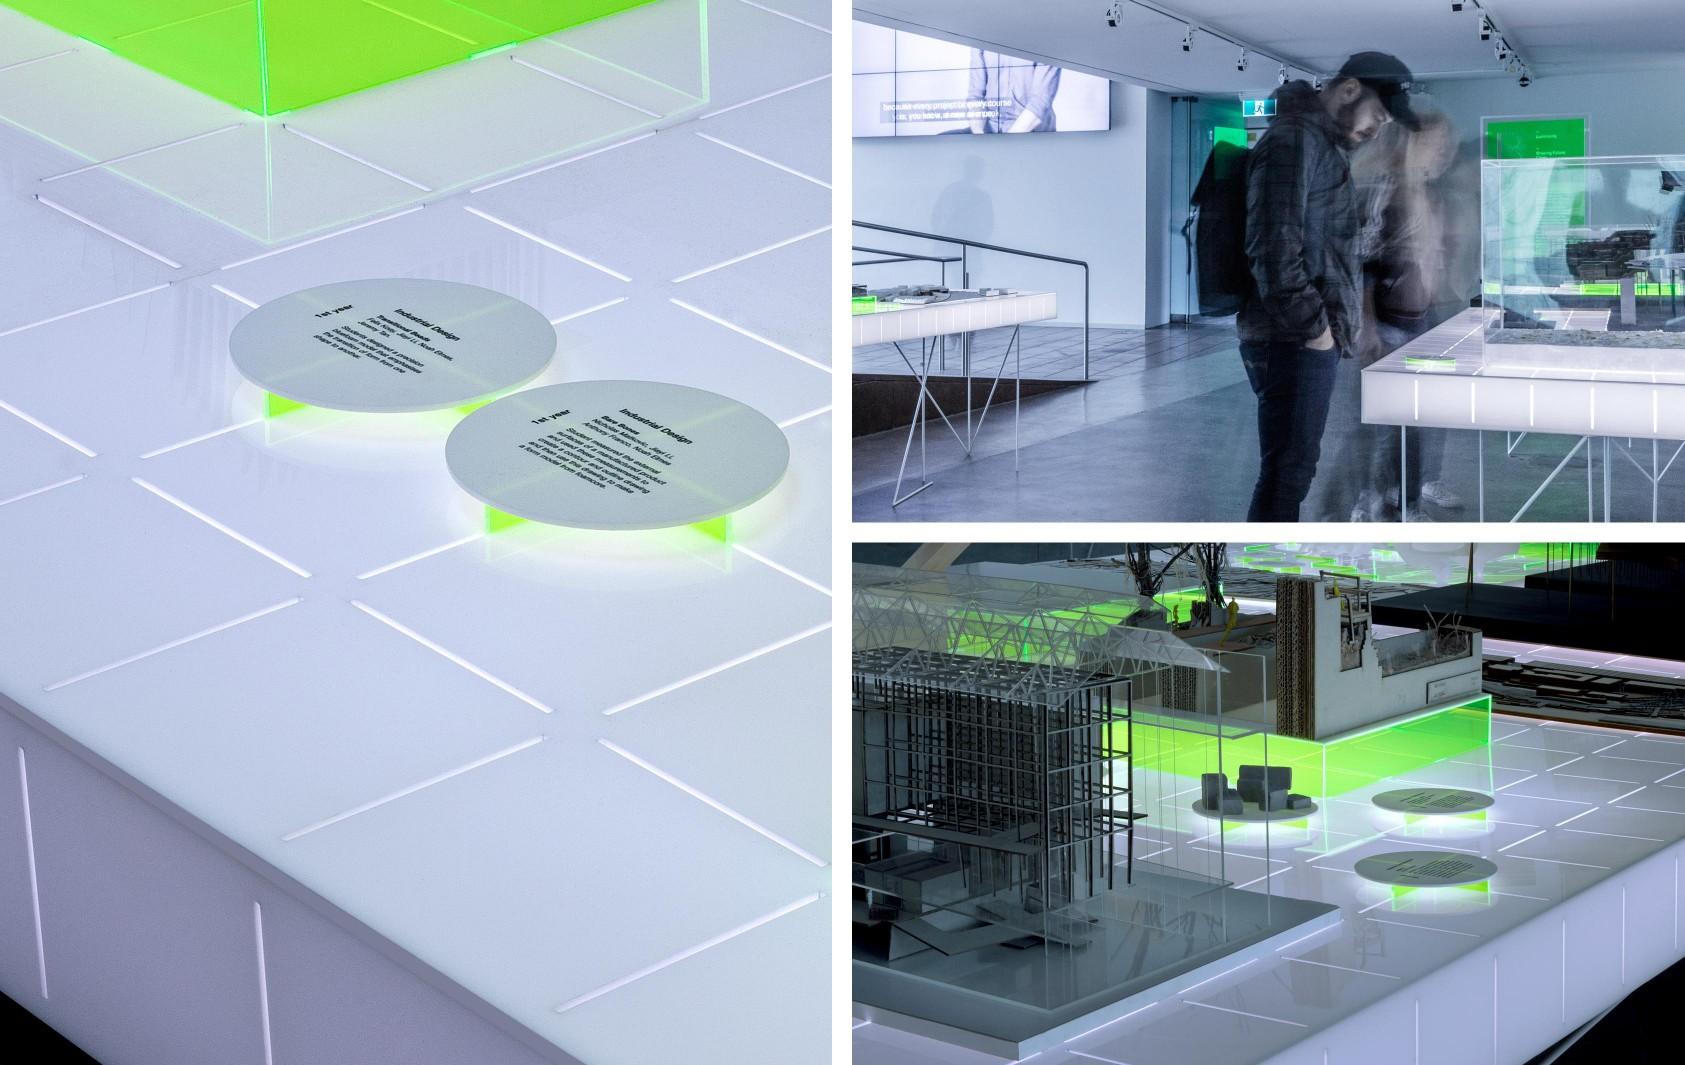 新南威尔士大学建筑环境学院导视系统设计© design by toko